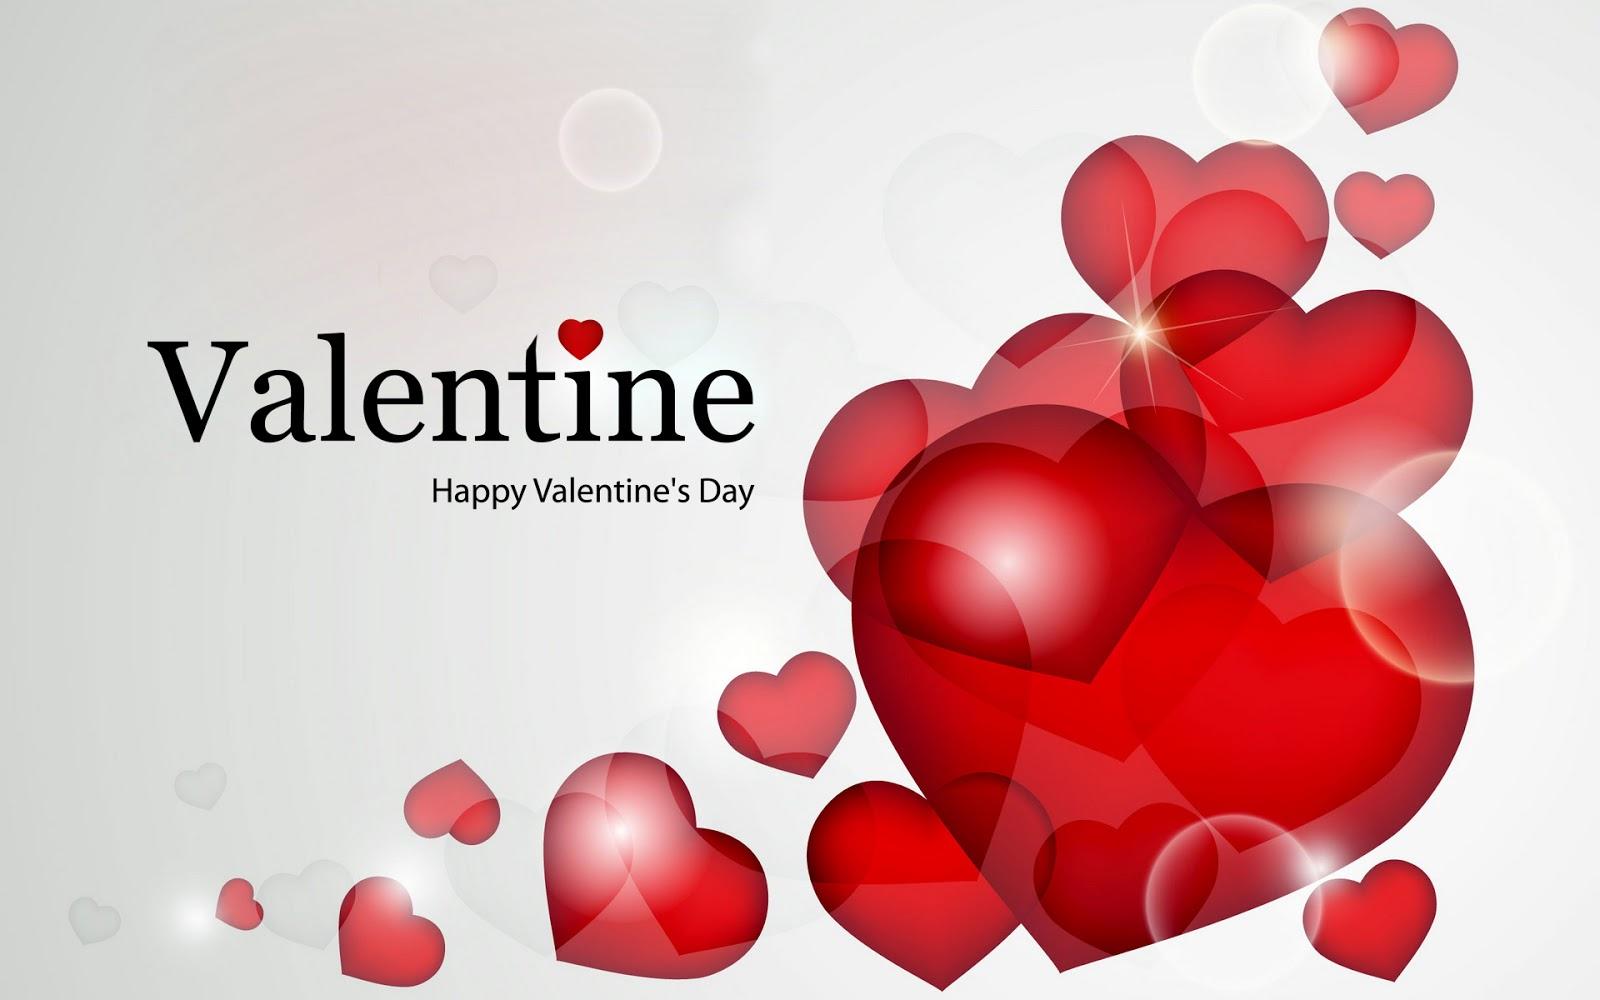 Feliz-día-de-San-Valentín-2016